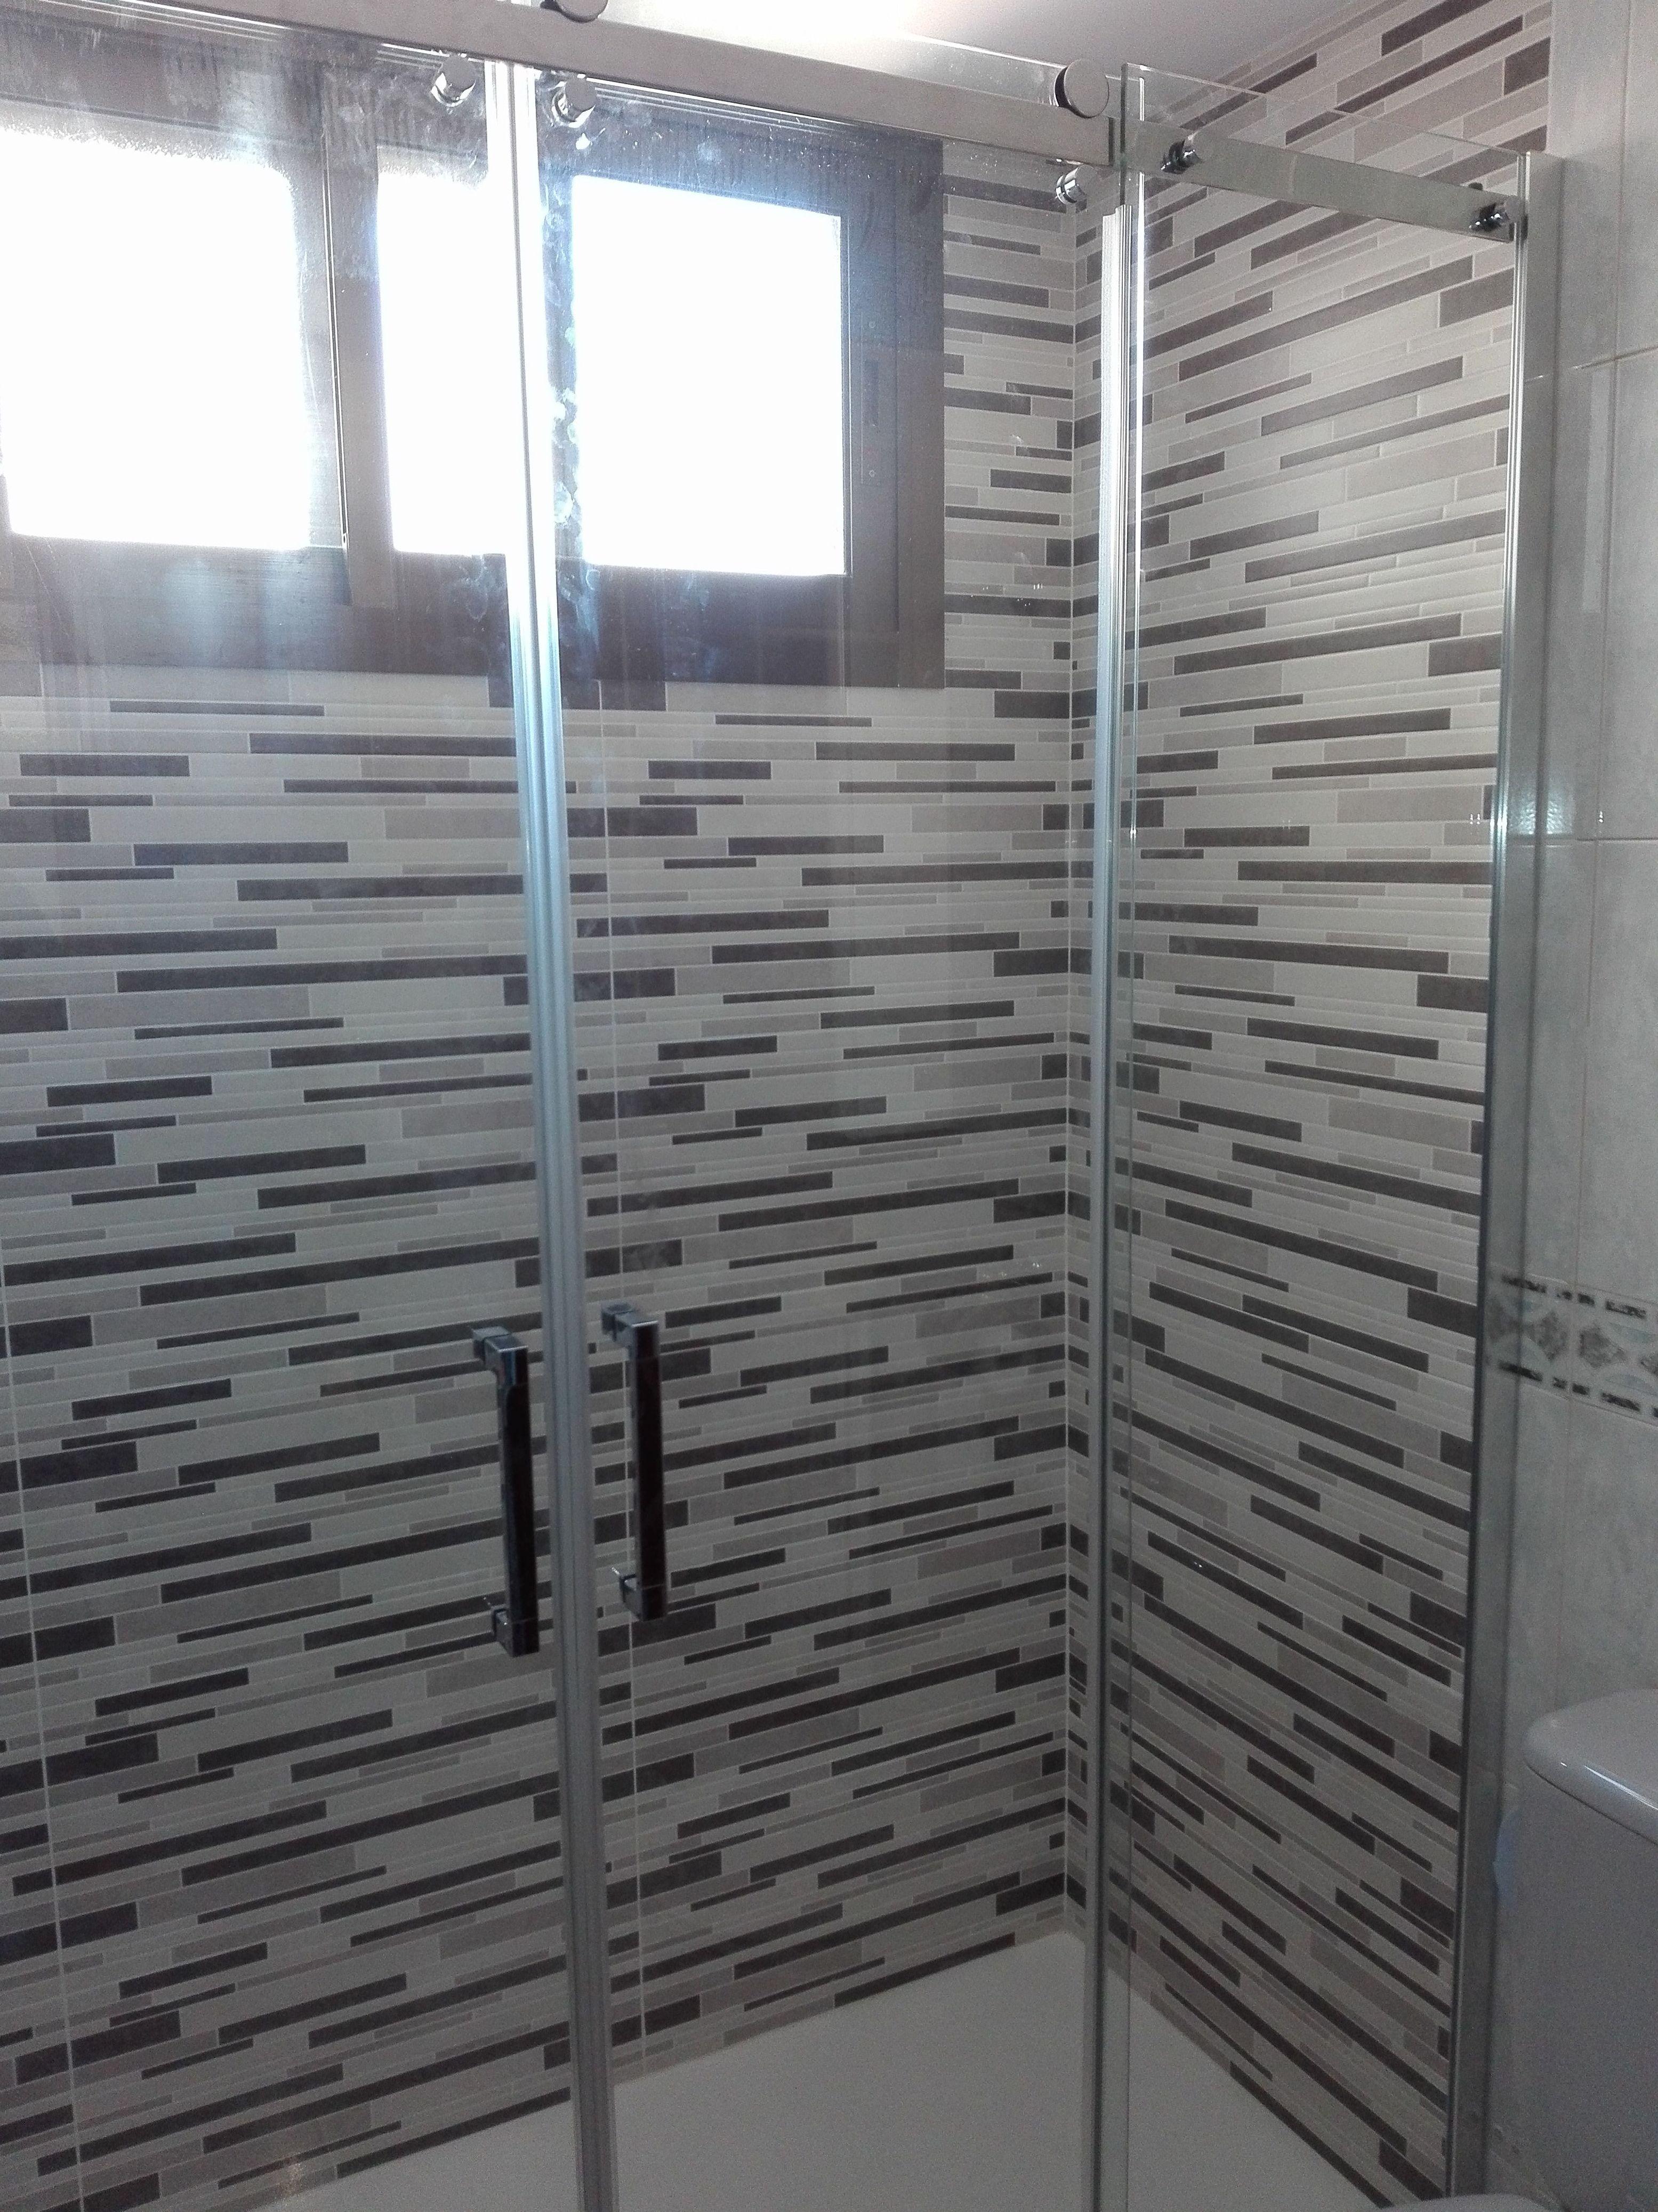 Foto 15 de Reformas de baños y cocinas en Zaragoza | REFORMAS BAÑO MODERNO